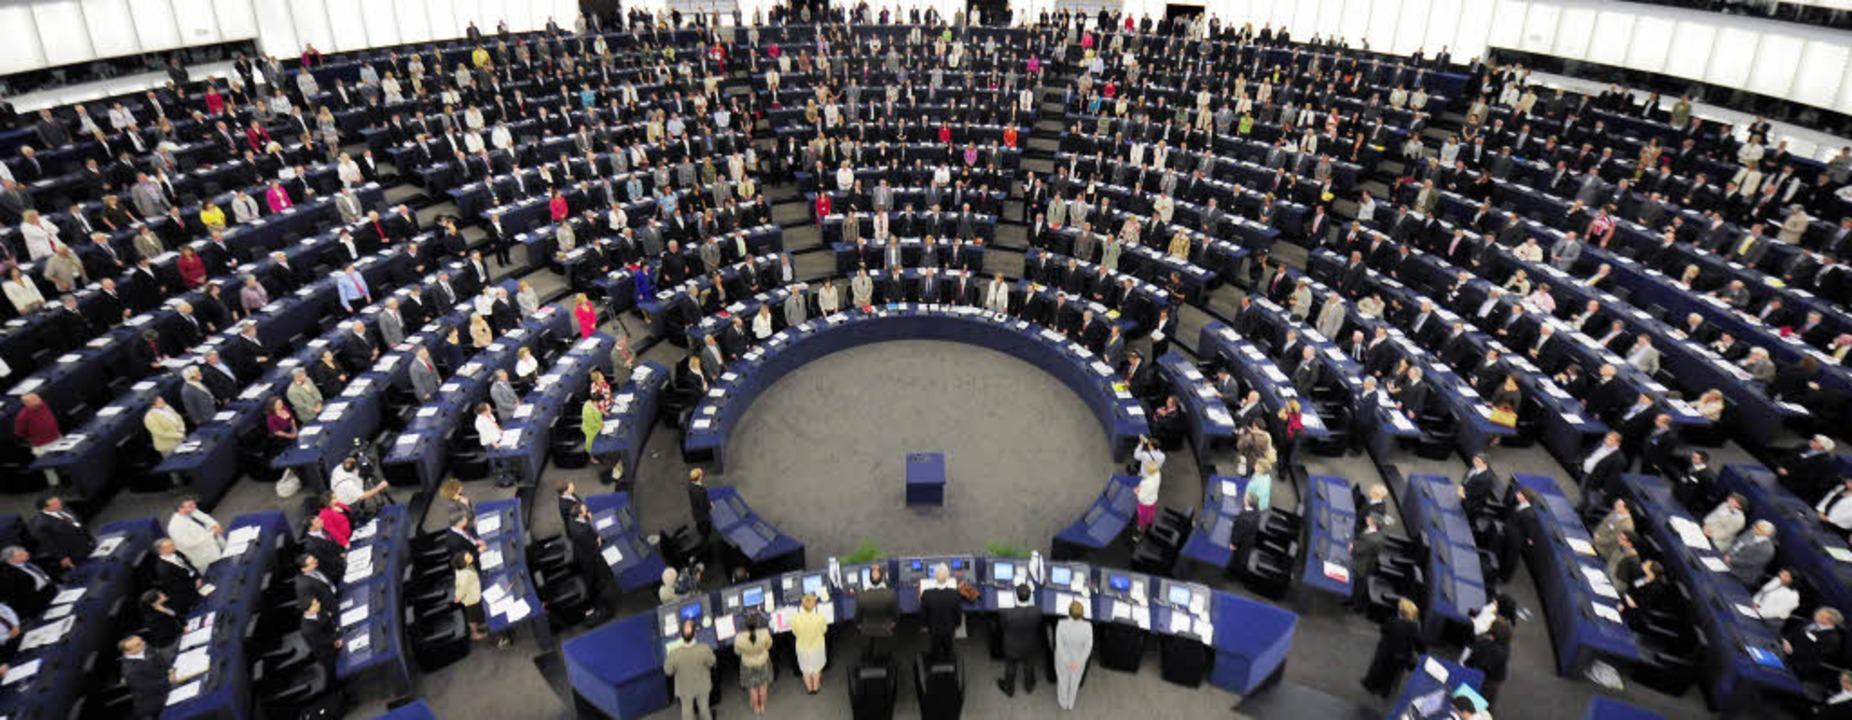 Das neue EU-Parlament  ist  am Dienstag in Straßburg zusammengetreten.     Foto: DPA